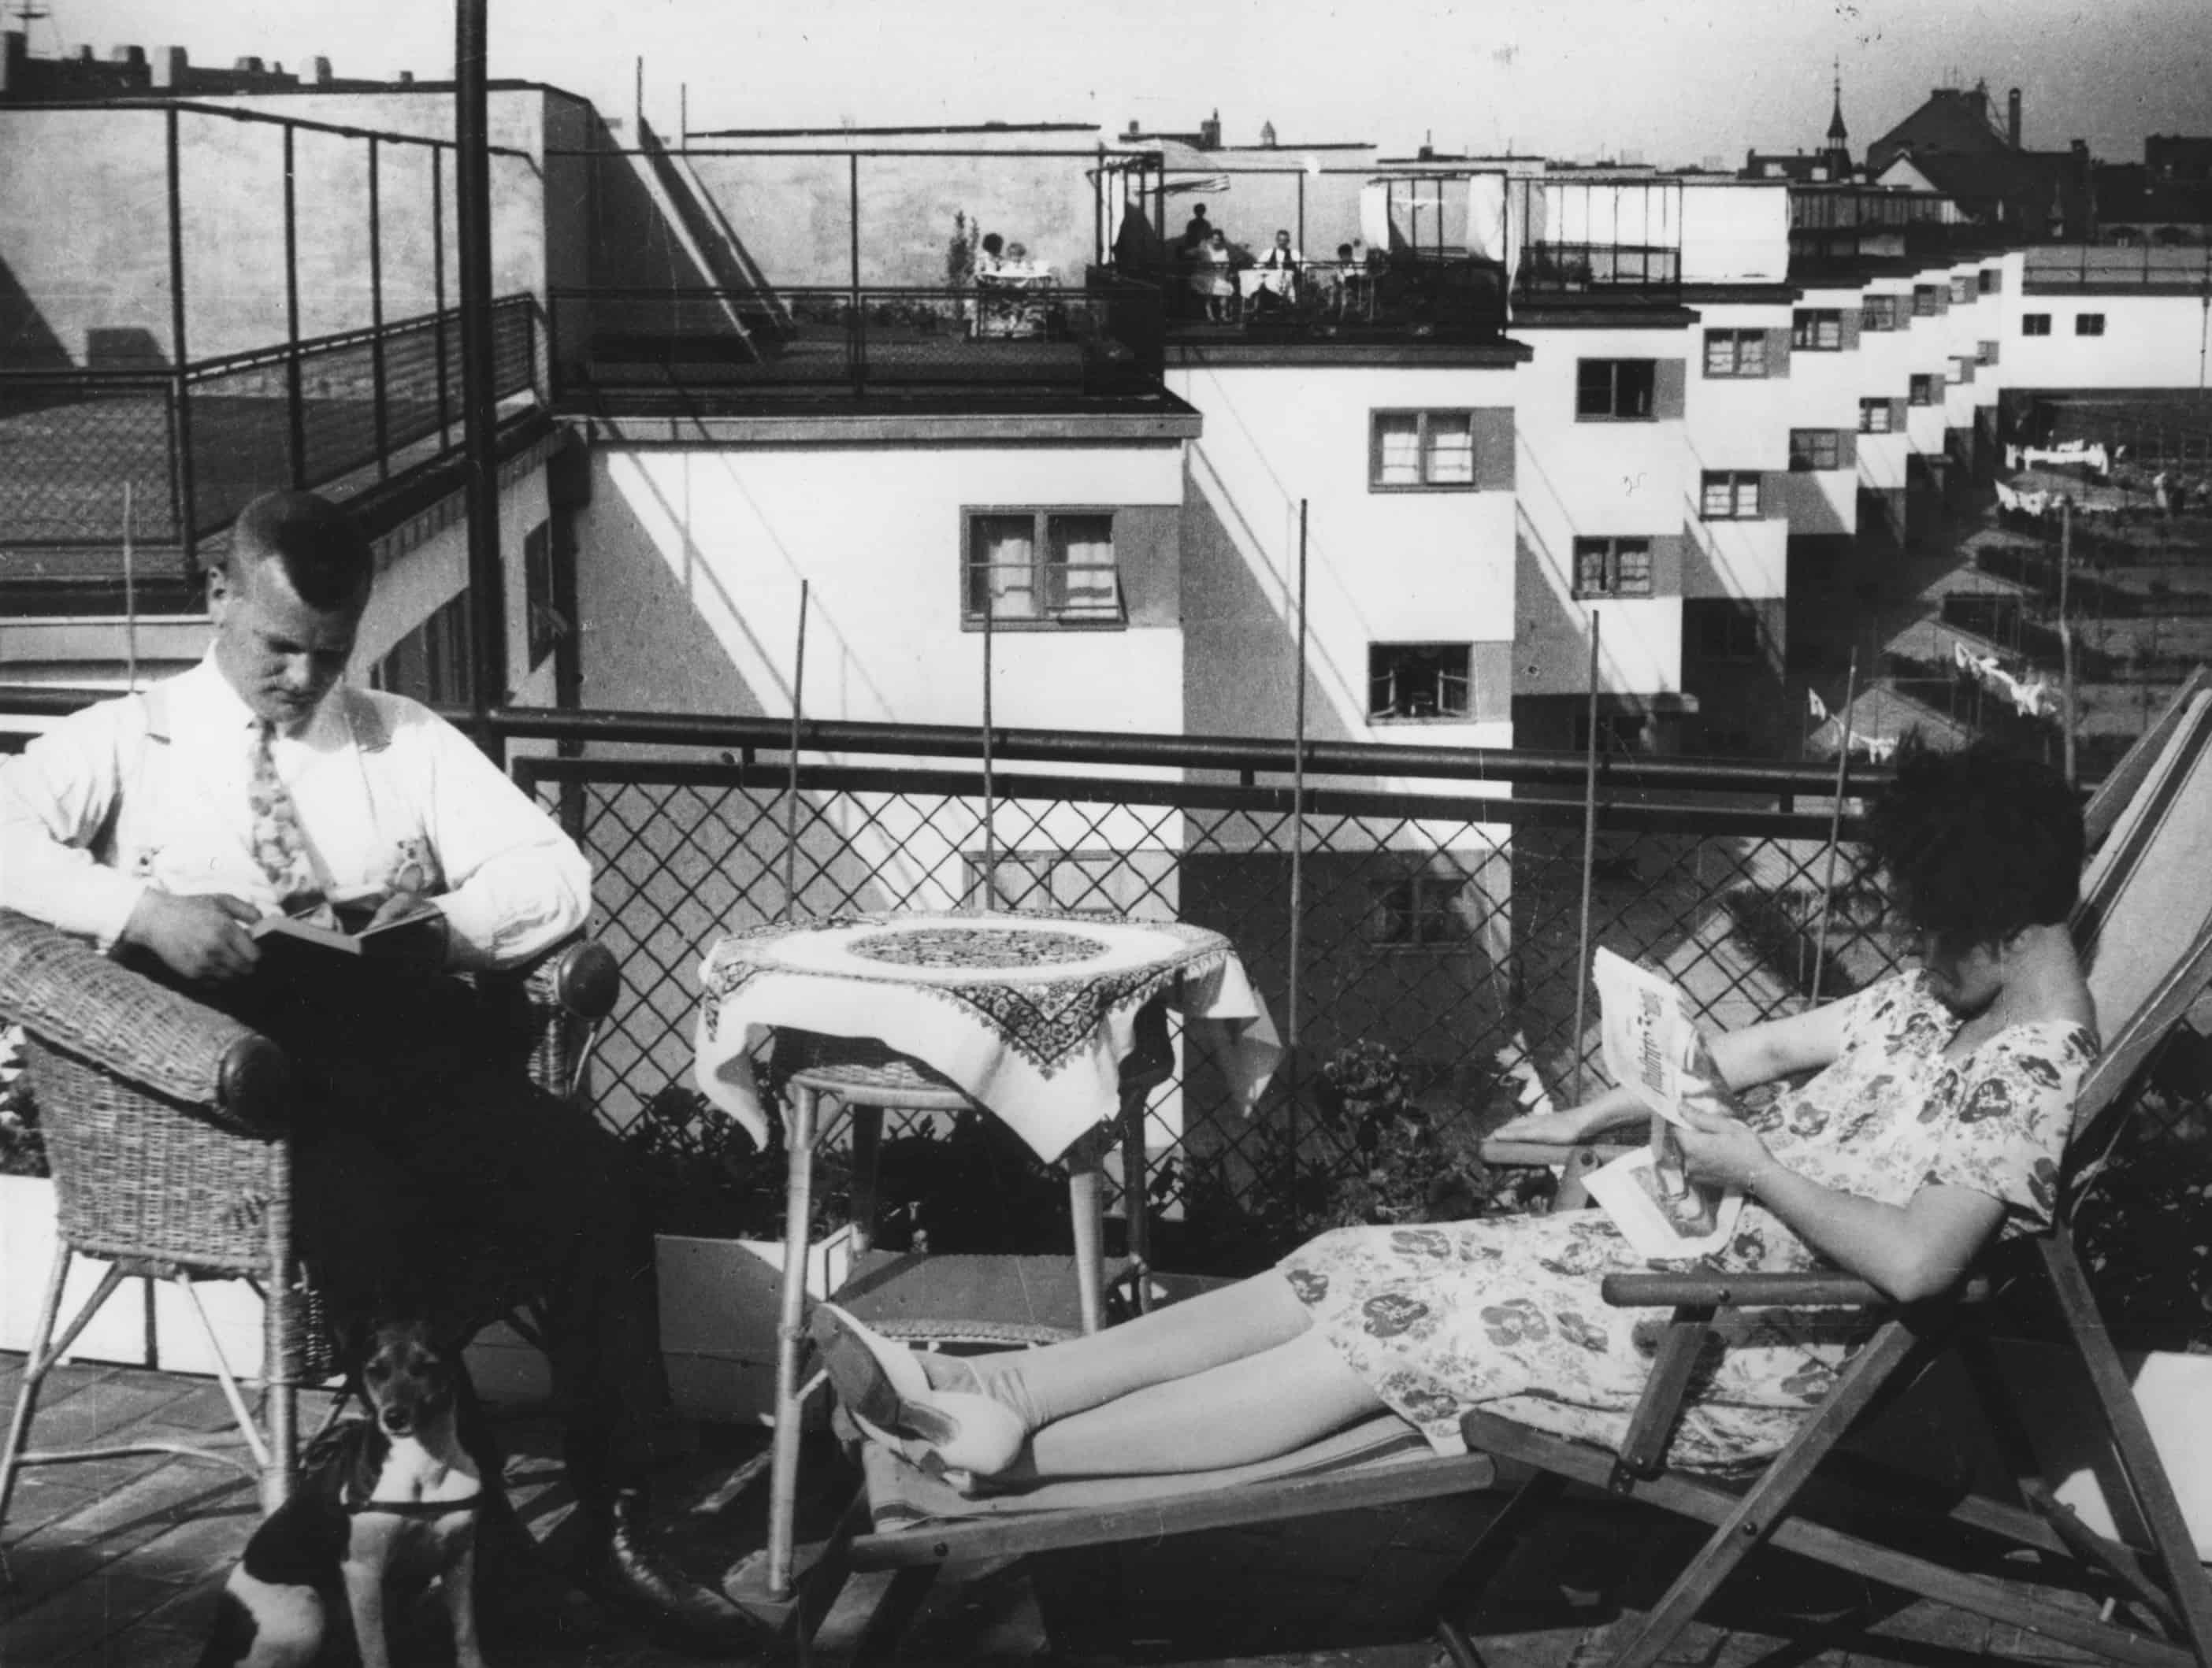 Siedlung Bruchfeldstraße (Zick-Zack-Hausen), Dachterrasse 1930er Jahre \ © Institut für Stadtgeschichte Frankfurt am Main (ISG), S7Wo\12, Dr. Wolff & Tritschler